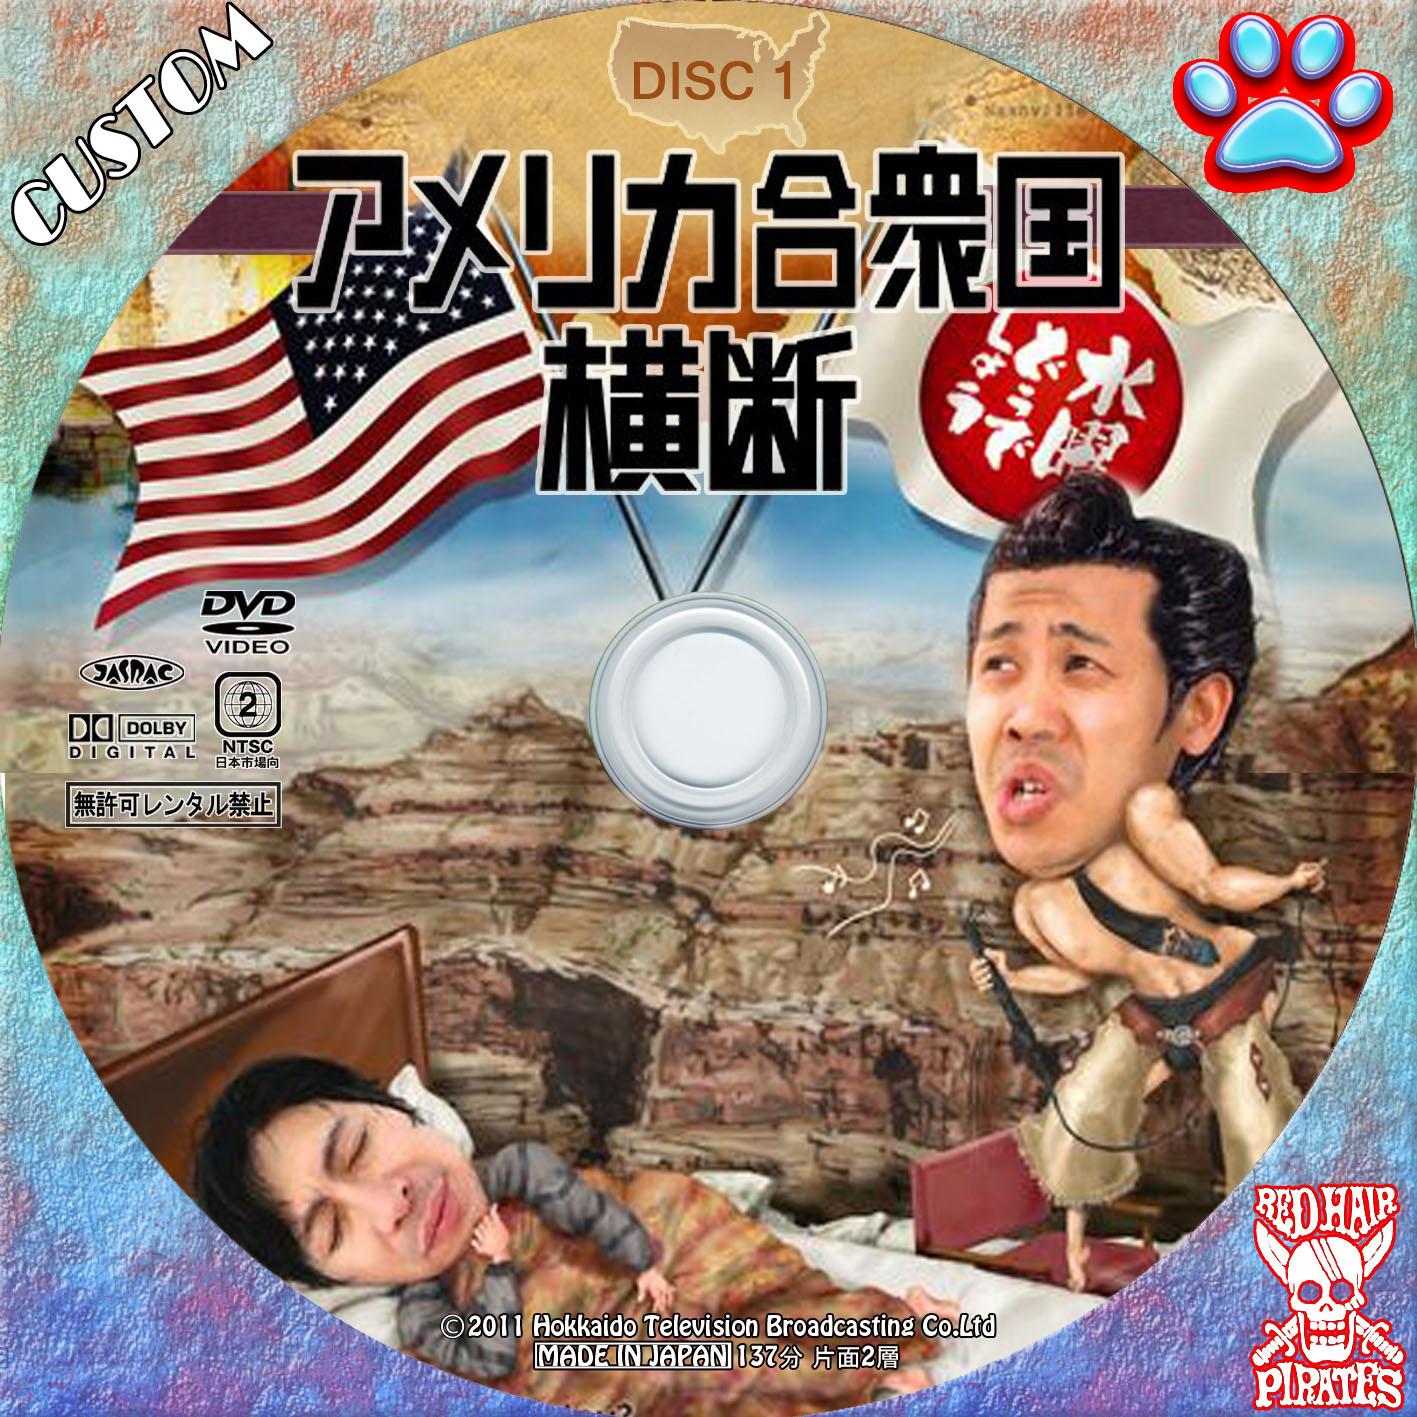 水曜どうでしょうDVD第15弾DISC1